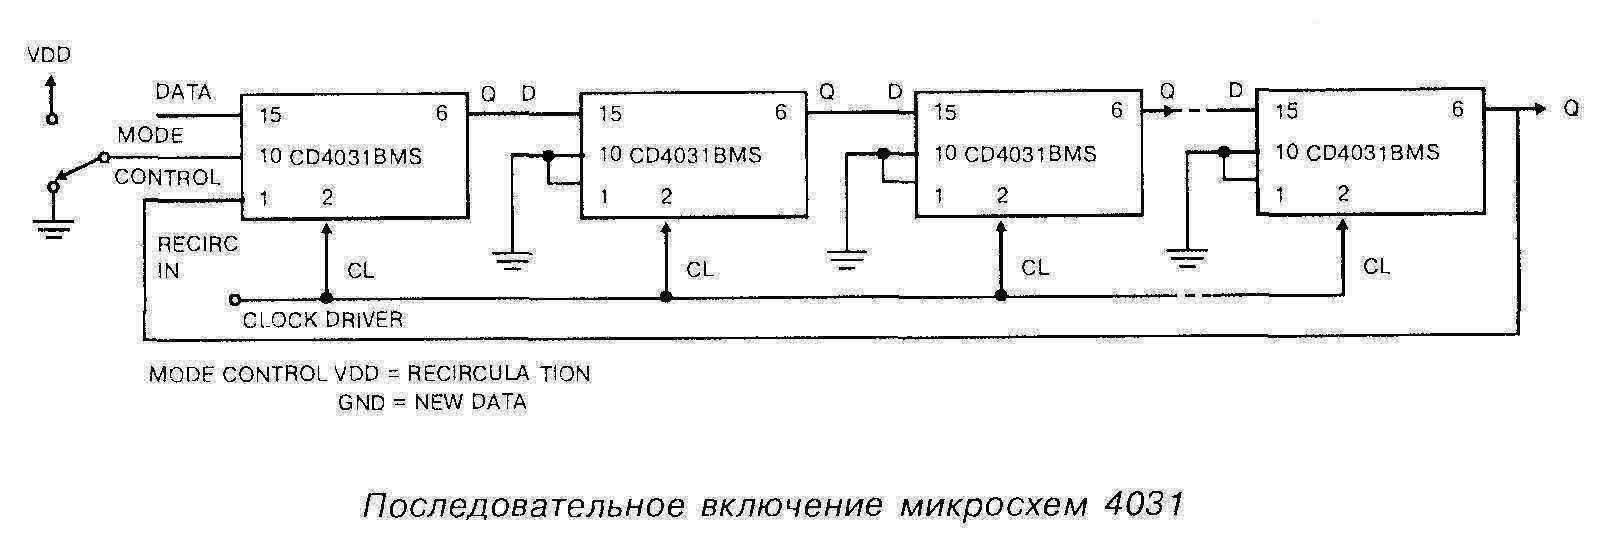 Последовательное включение микросхем 4031